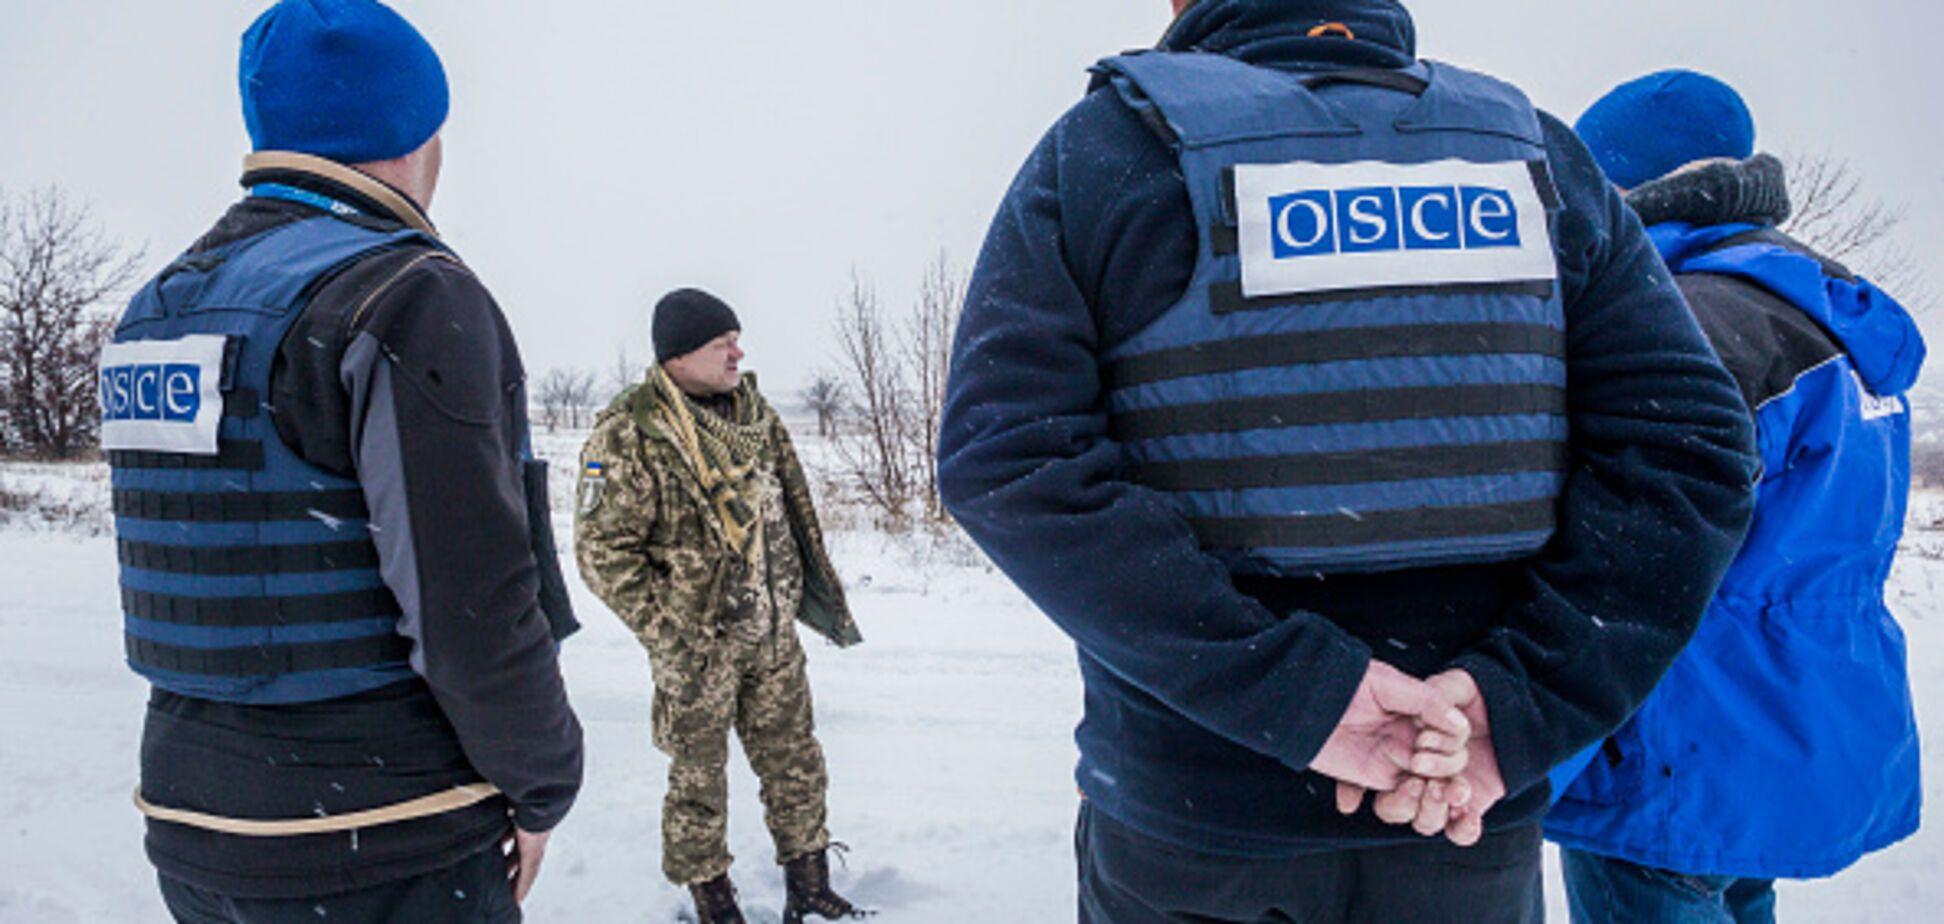 Прячут запрещенное: в ОБСЕ пожаловались на наглые провокации террористов